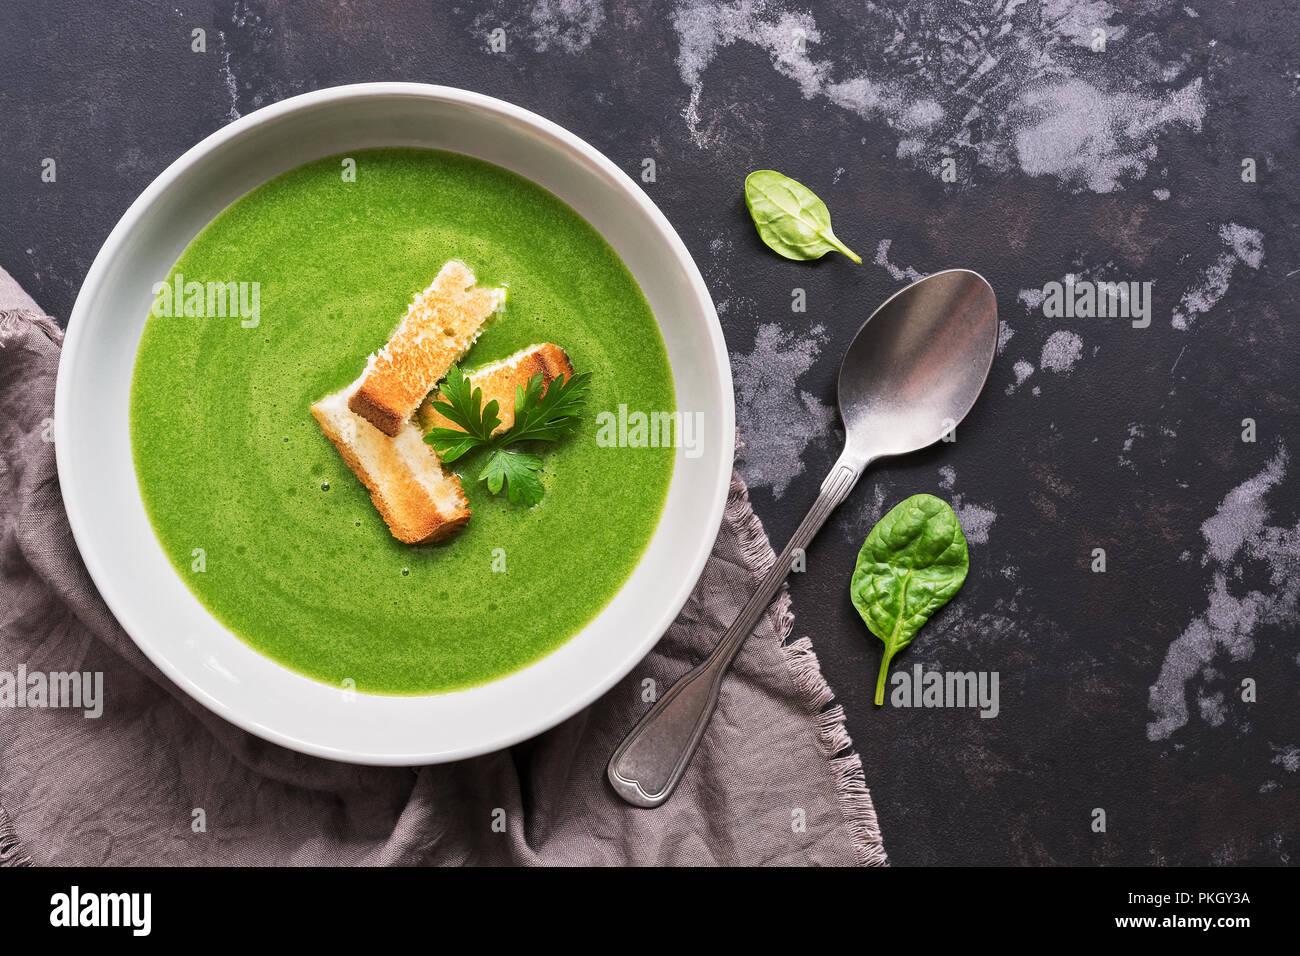 Hortaliza verde sopa crema de espinacas en un oscuro fondo de hormigón. Dieta saludable almuerzo o cena. Vista superior, espacio de copia. Imagen De Stock